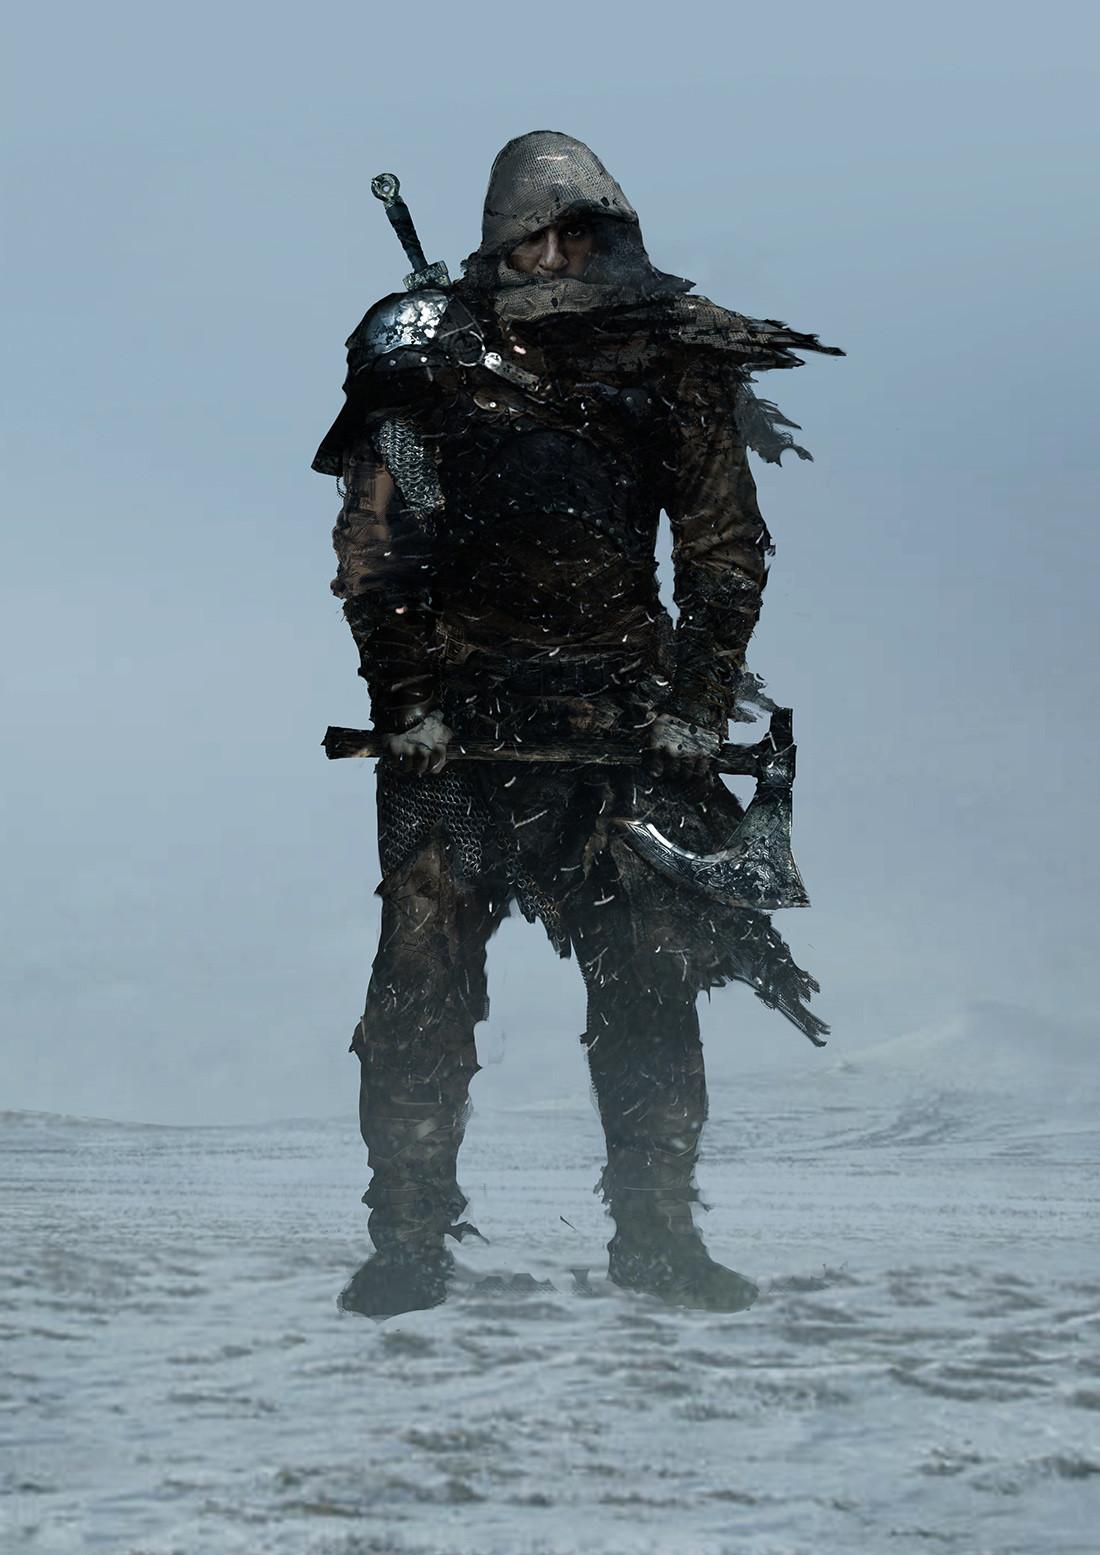 Andrei riabovitchev kaulder armor clothing v005a